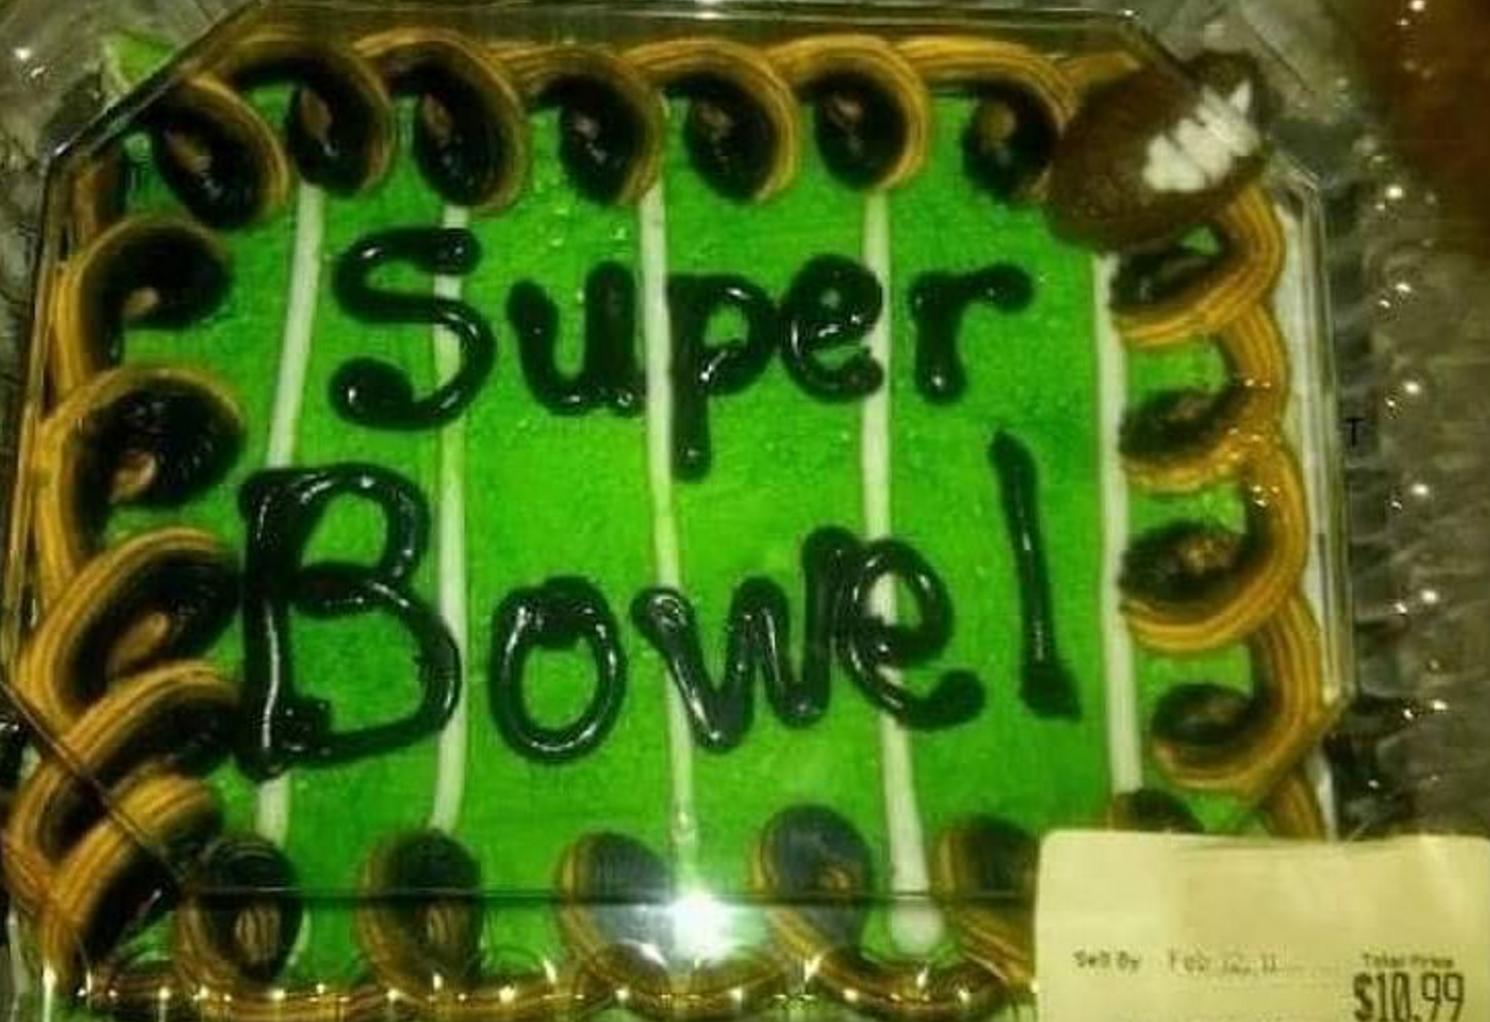 a superbowl cake spelled super bowel